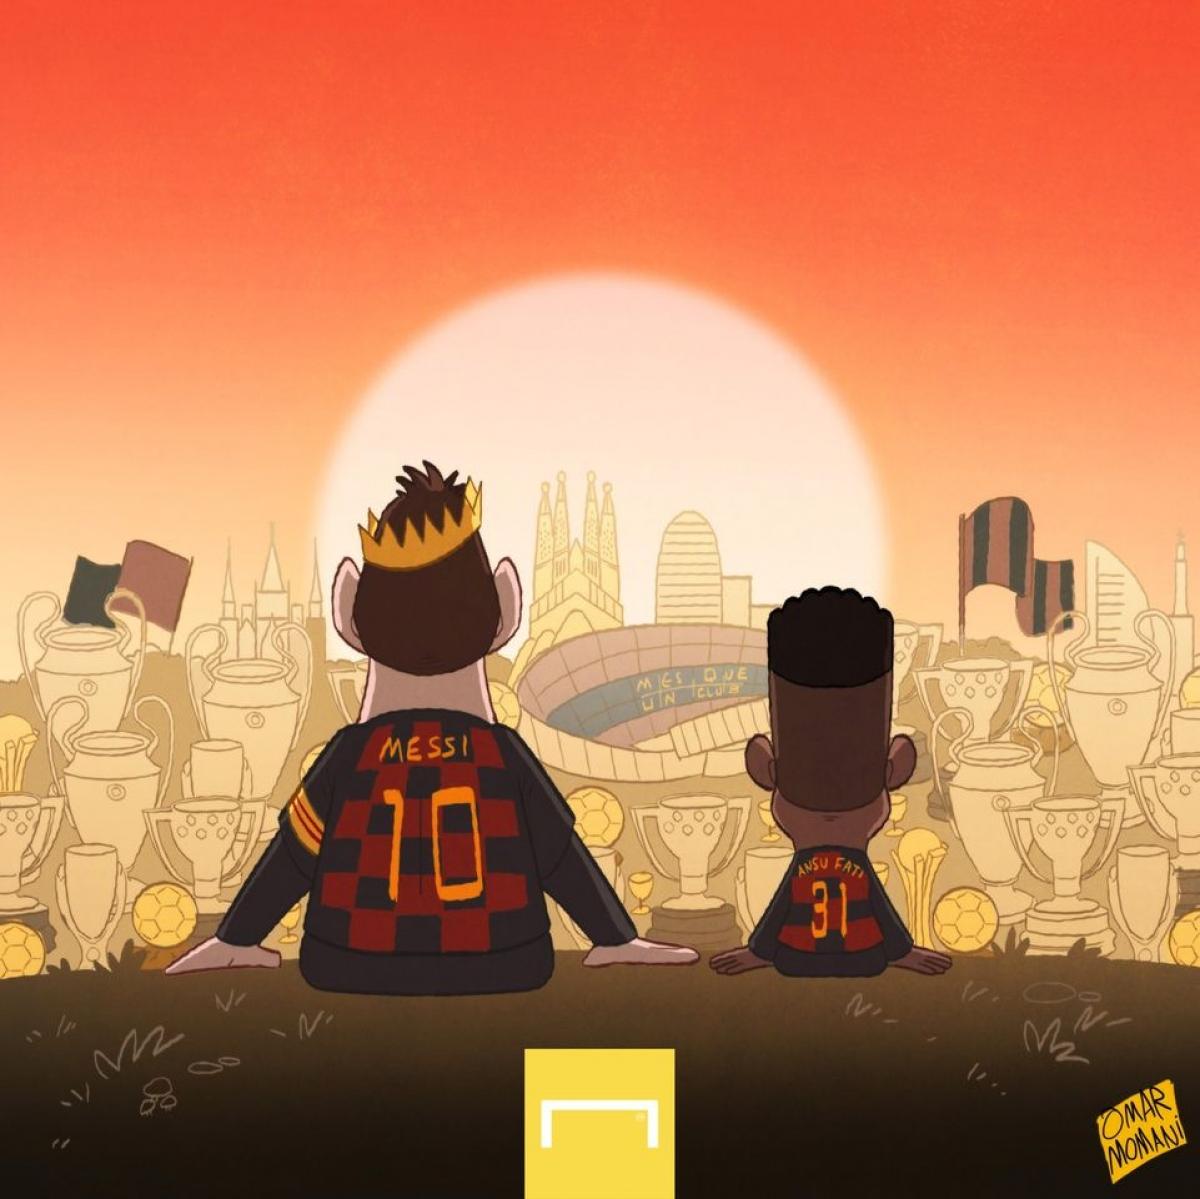 Messi đã tìm được truyền nhân ở Barca để có thể truyền dạy kinh nghiệm, bí kíp săn bàn của mình?